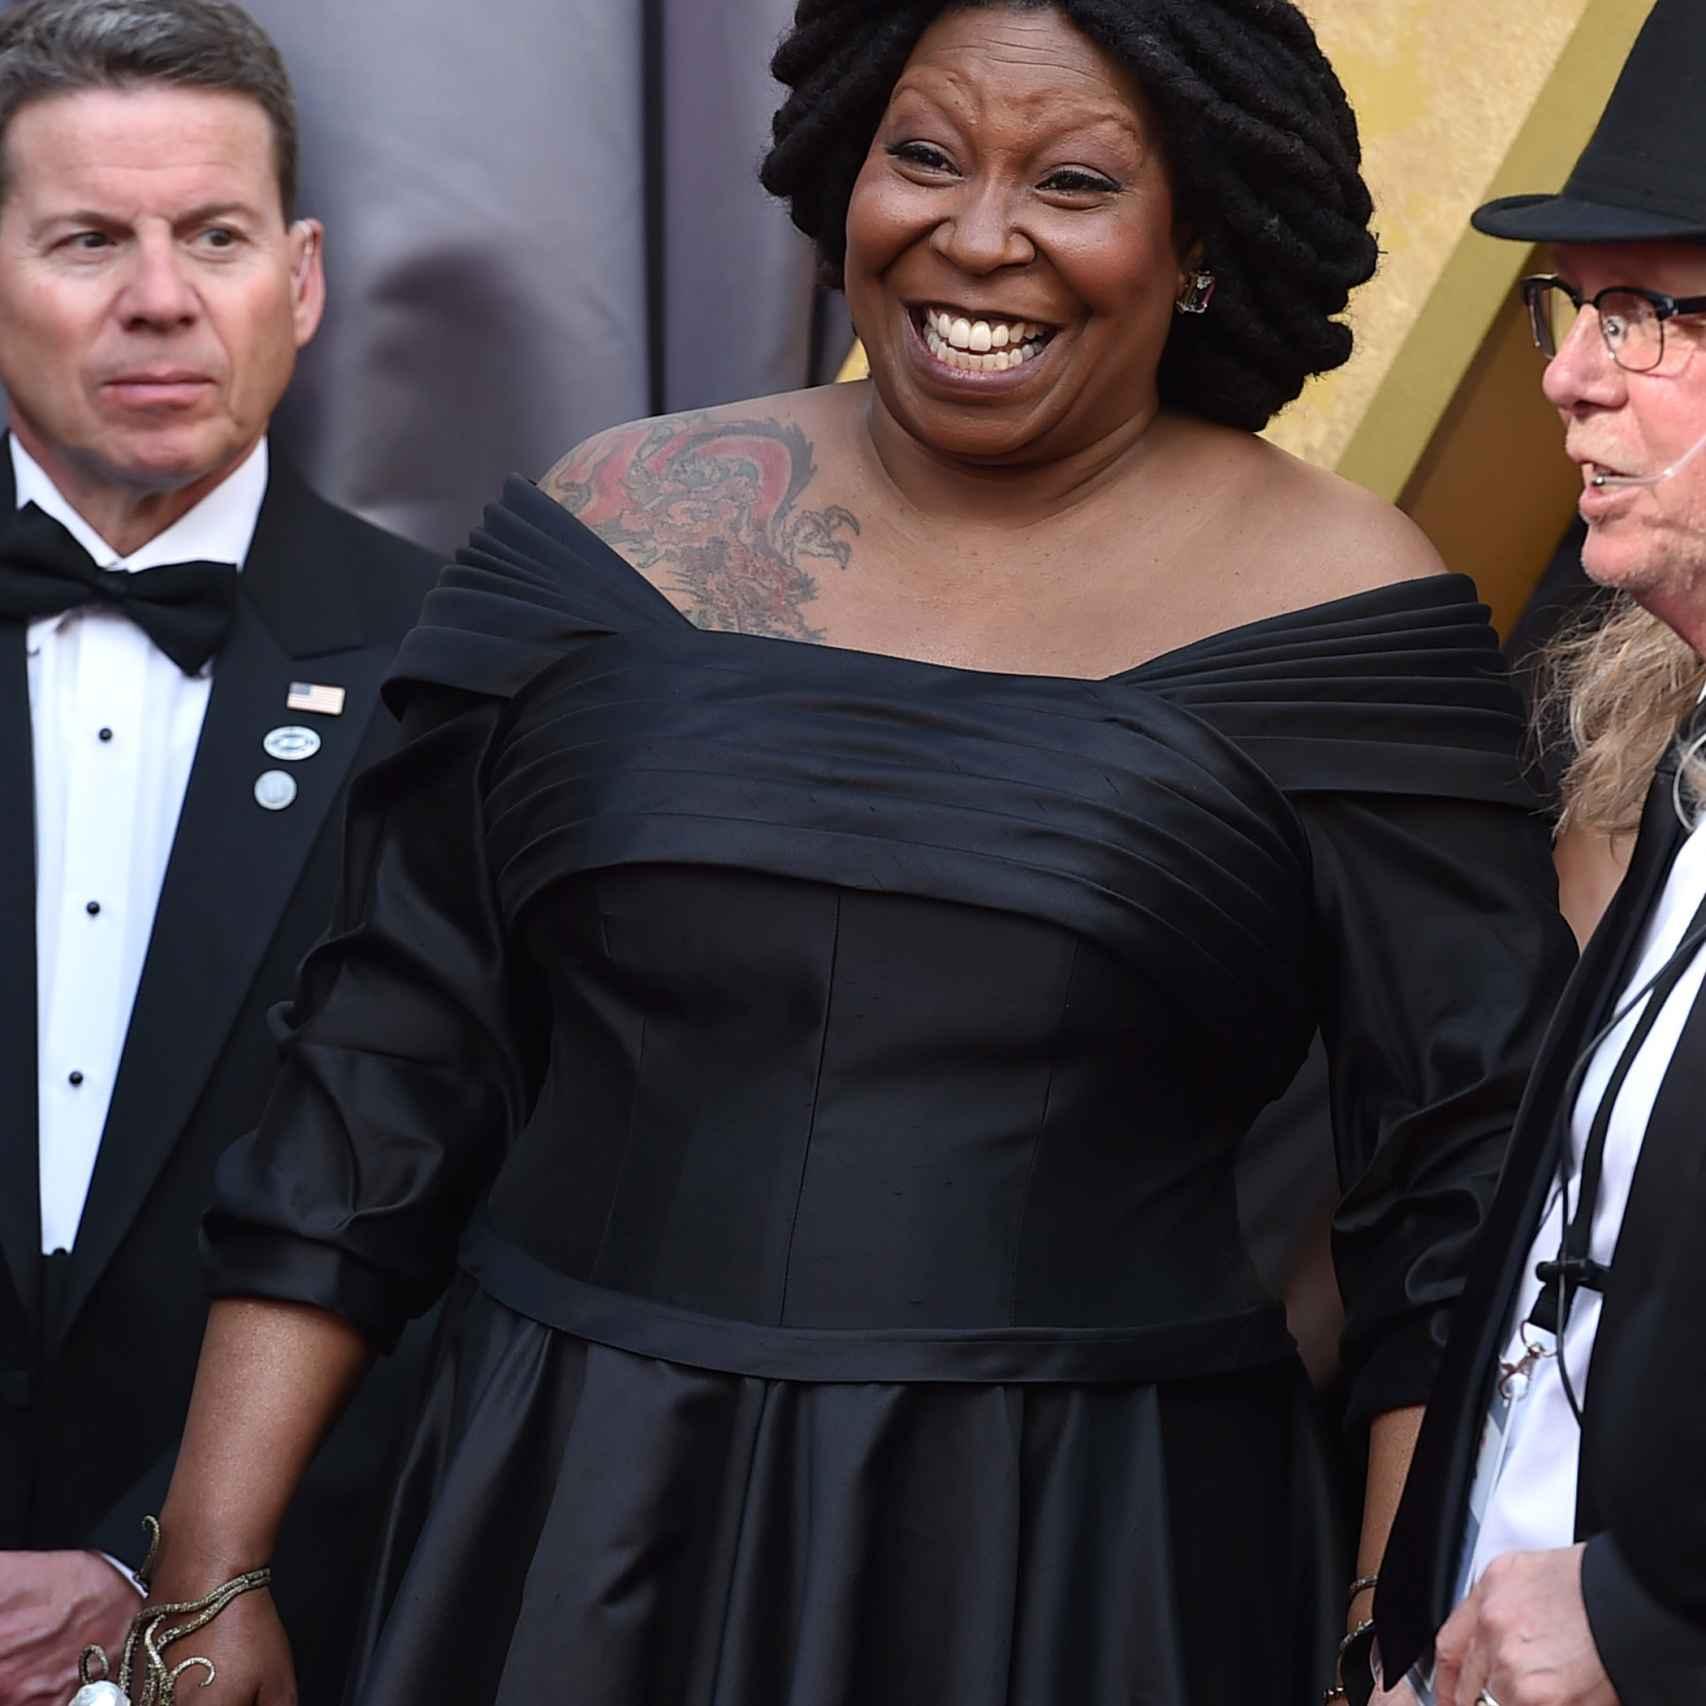 Whoopi Goldberg lleva un vestido negro nada favorecedor. El tatuaje en el hombro anti alfombra roja